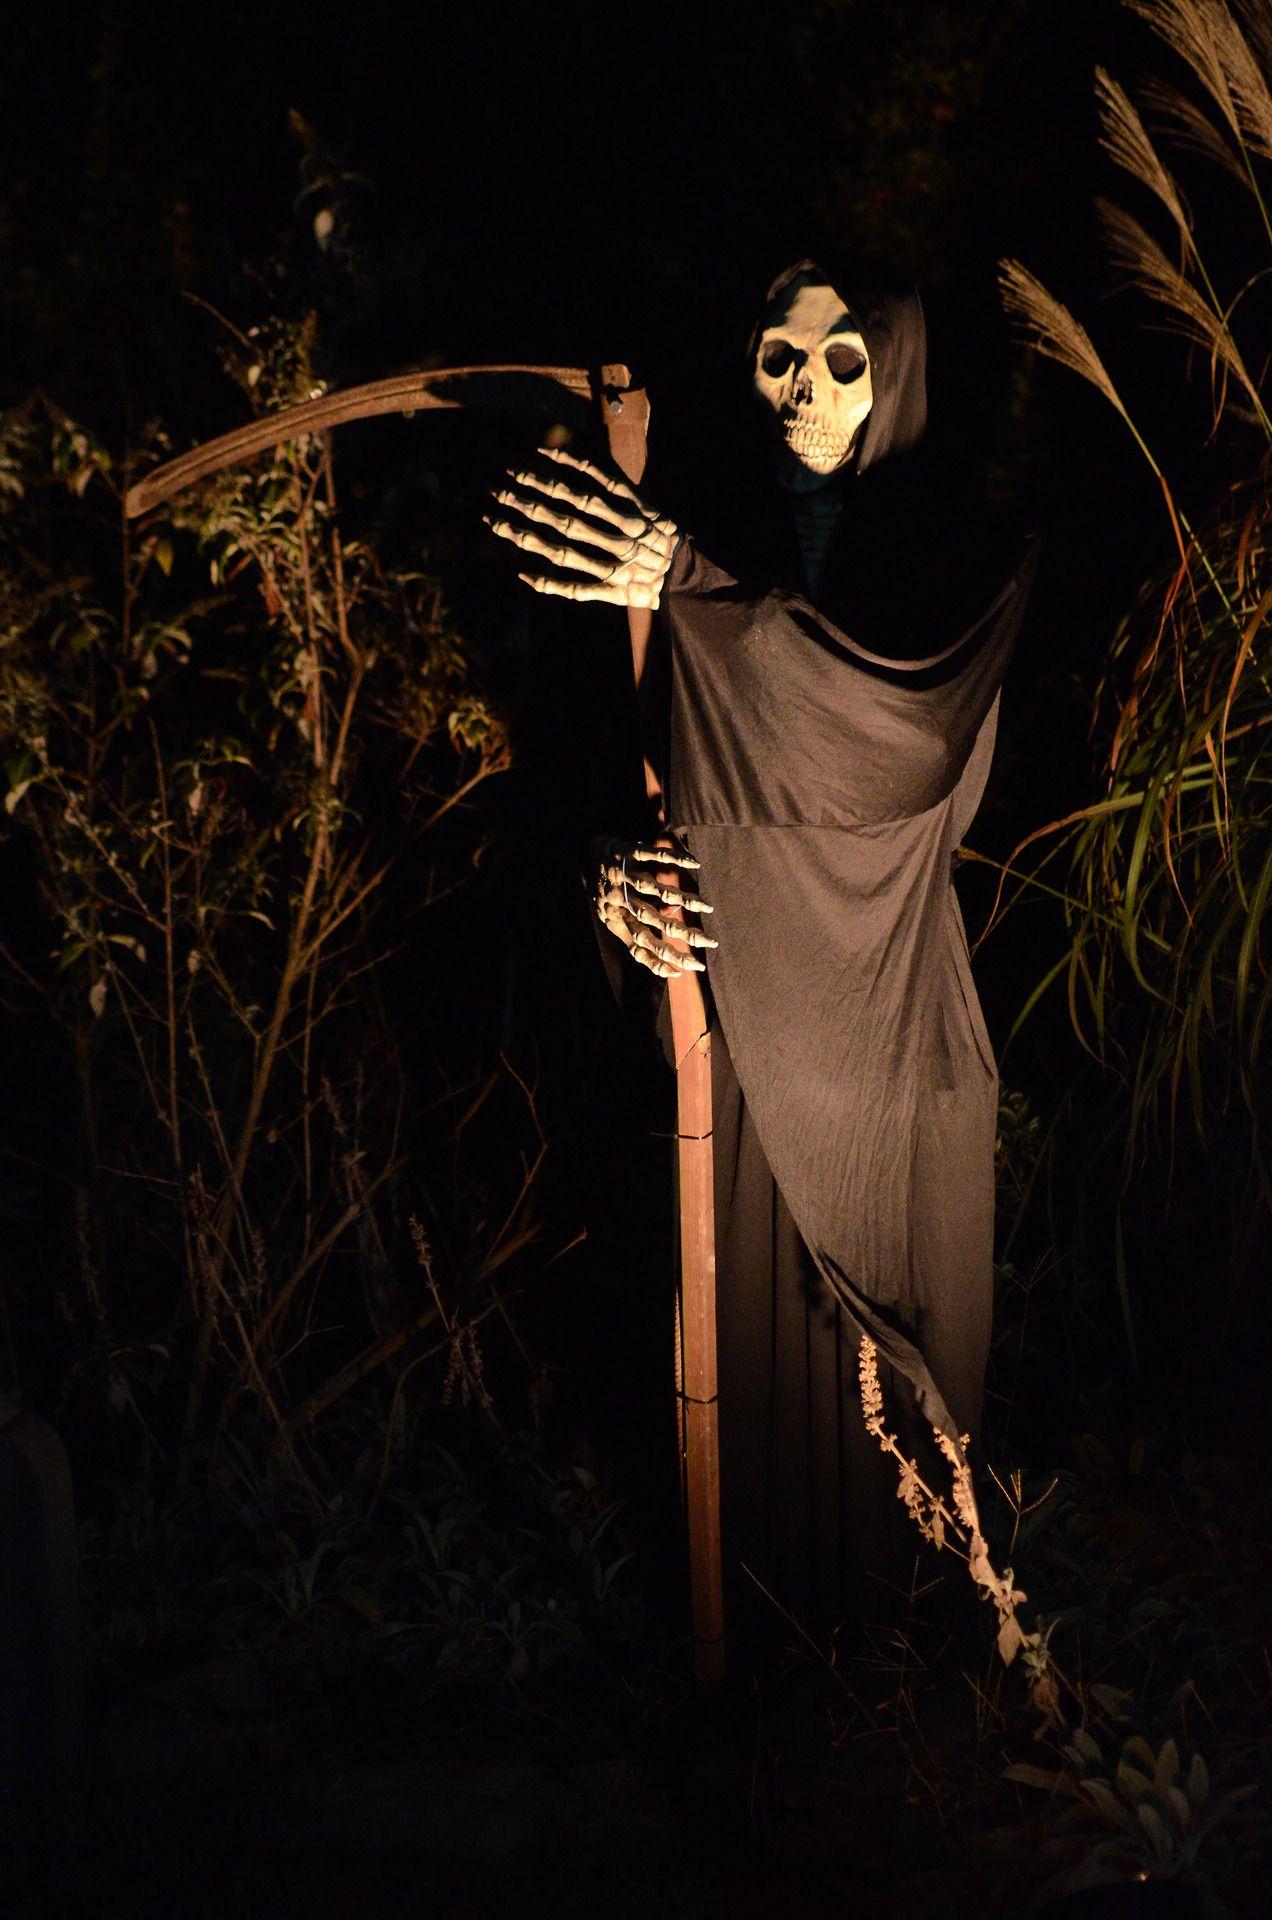 Grim reaper by the front door halloween Pinterest Grim reaper - halloween decoration ideas for yard